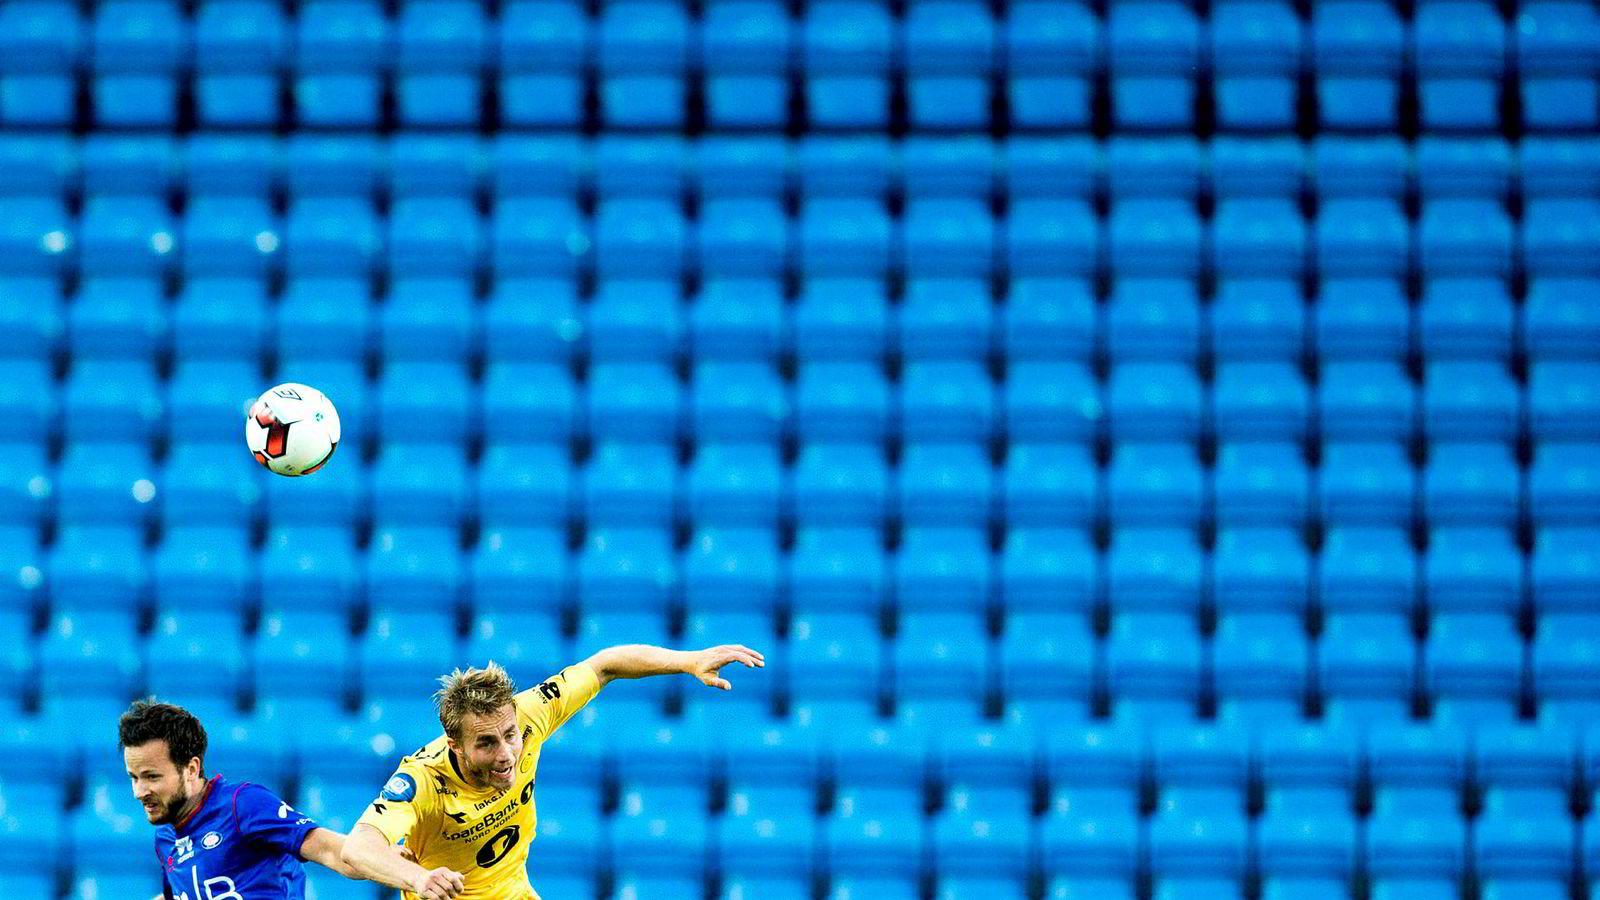 Antall tilskuere per kamp falt 36 prosent fra 2007 til 2017. Det er spektakulært dårlige tall i en periode hvor publikumsgrunnlaget altså har økt med 12 prosent. Bildet er fra en eliteseriekamp på Ullevaal stadion mellom Vålerenga og Bodø/Glimt høsten 2016.